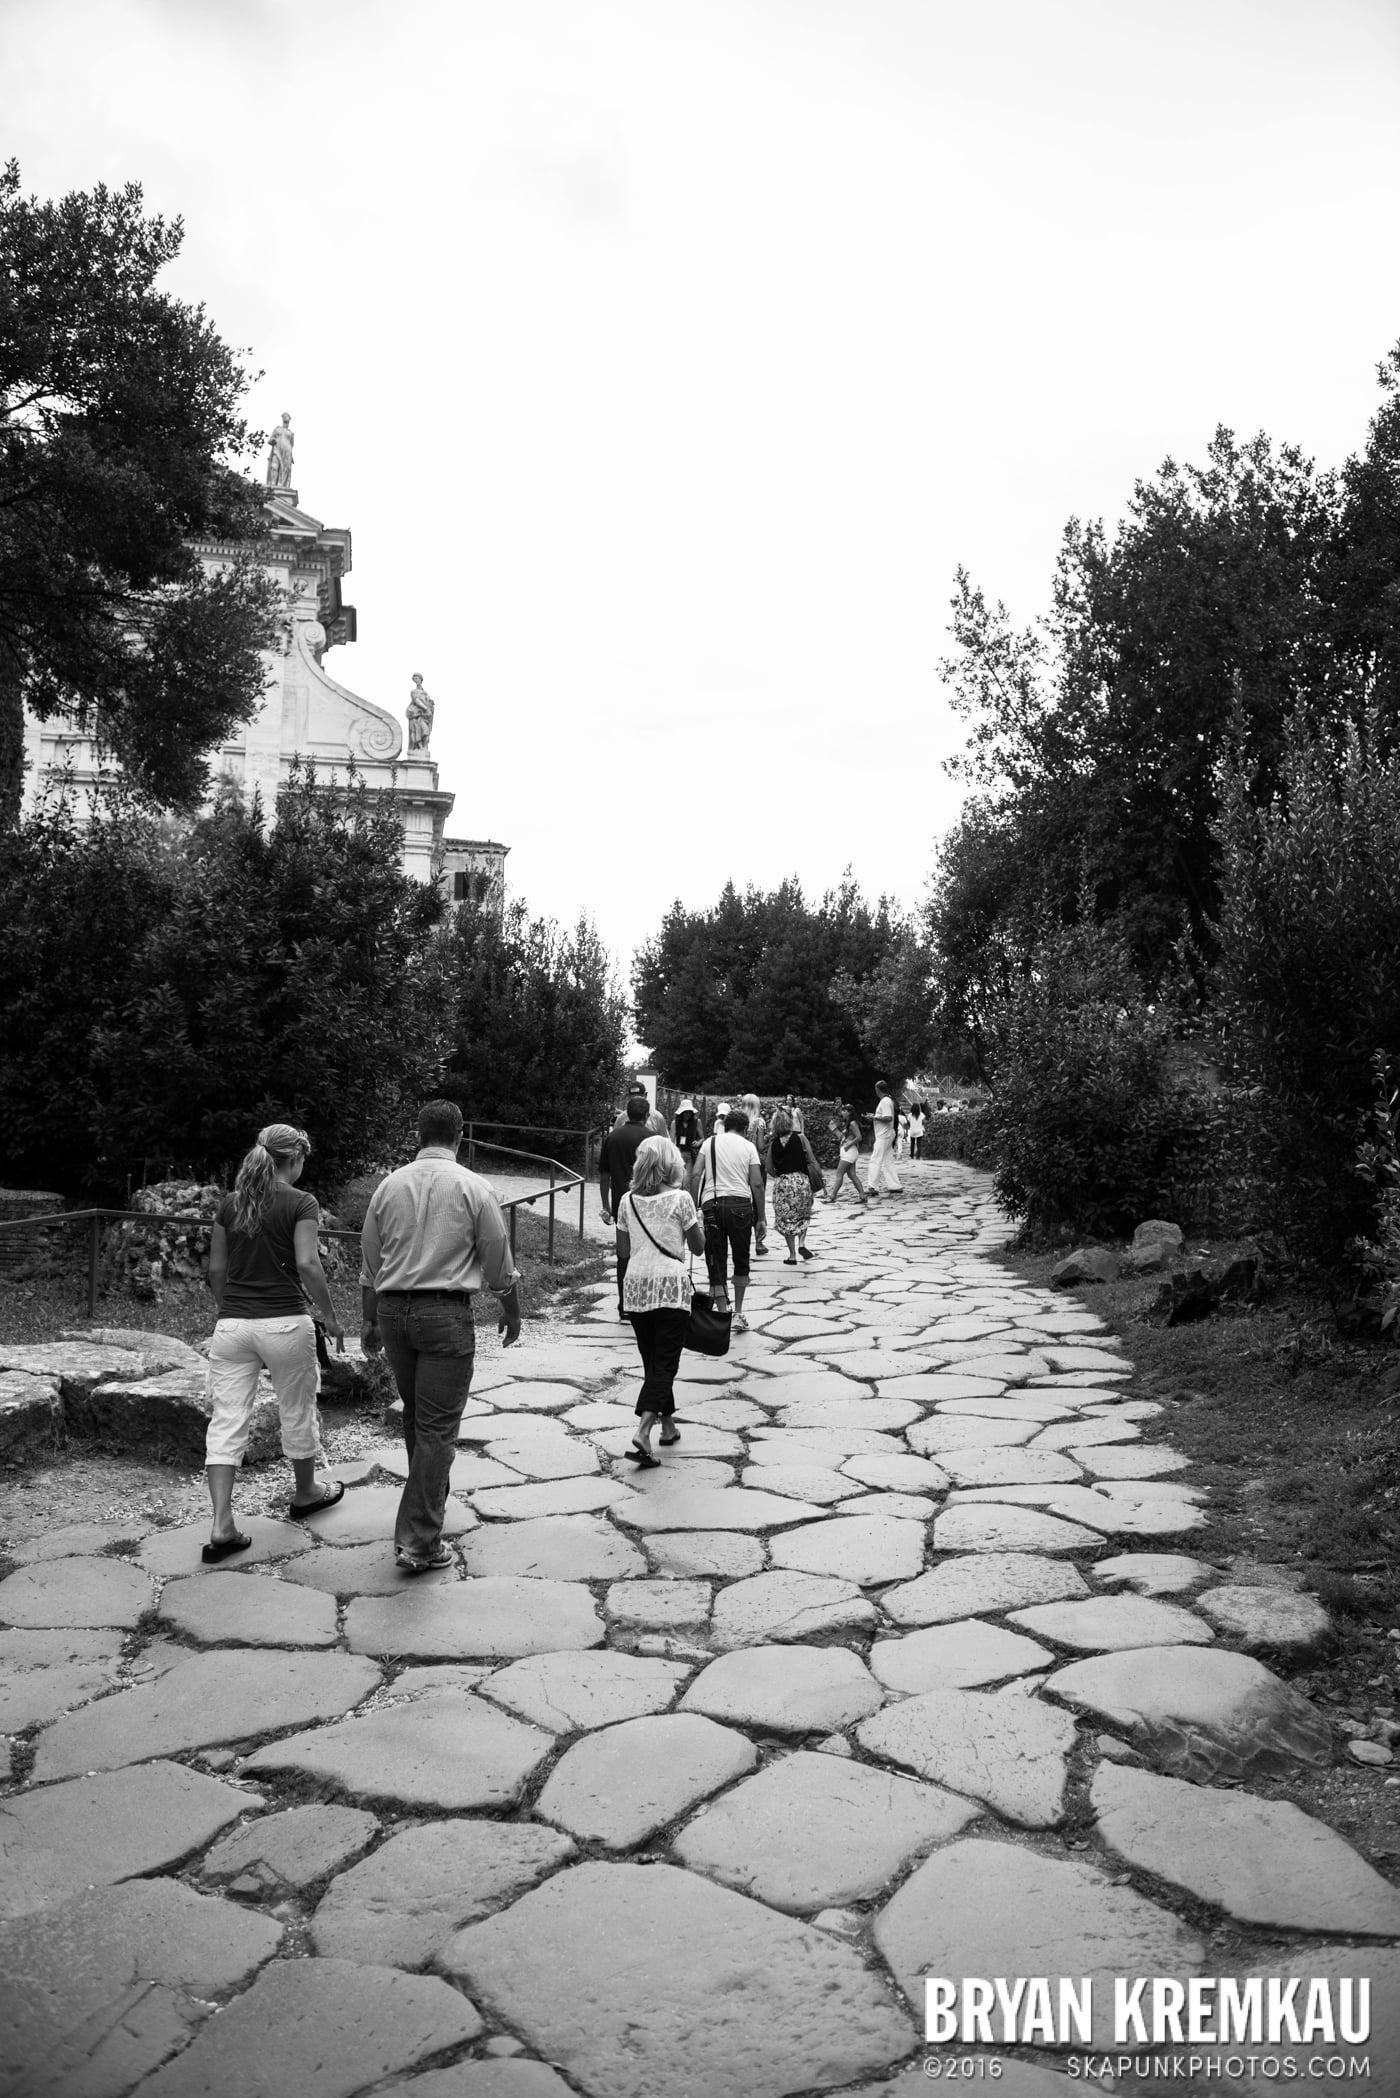 Italy Vacation - Day 2: Rome - 9.10.13 (93)